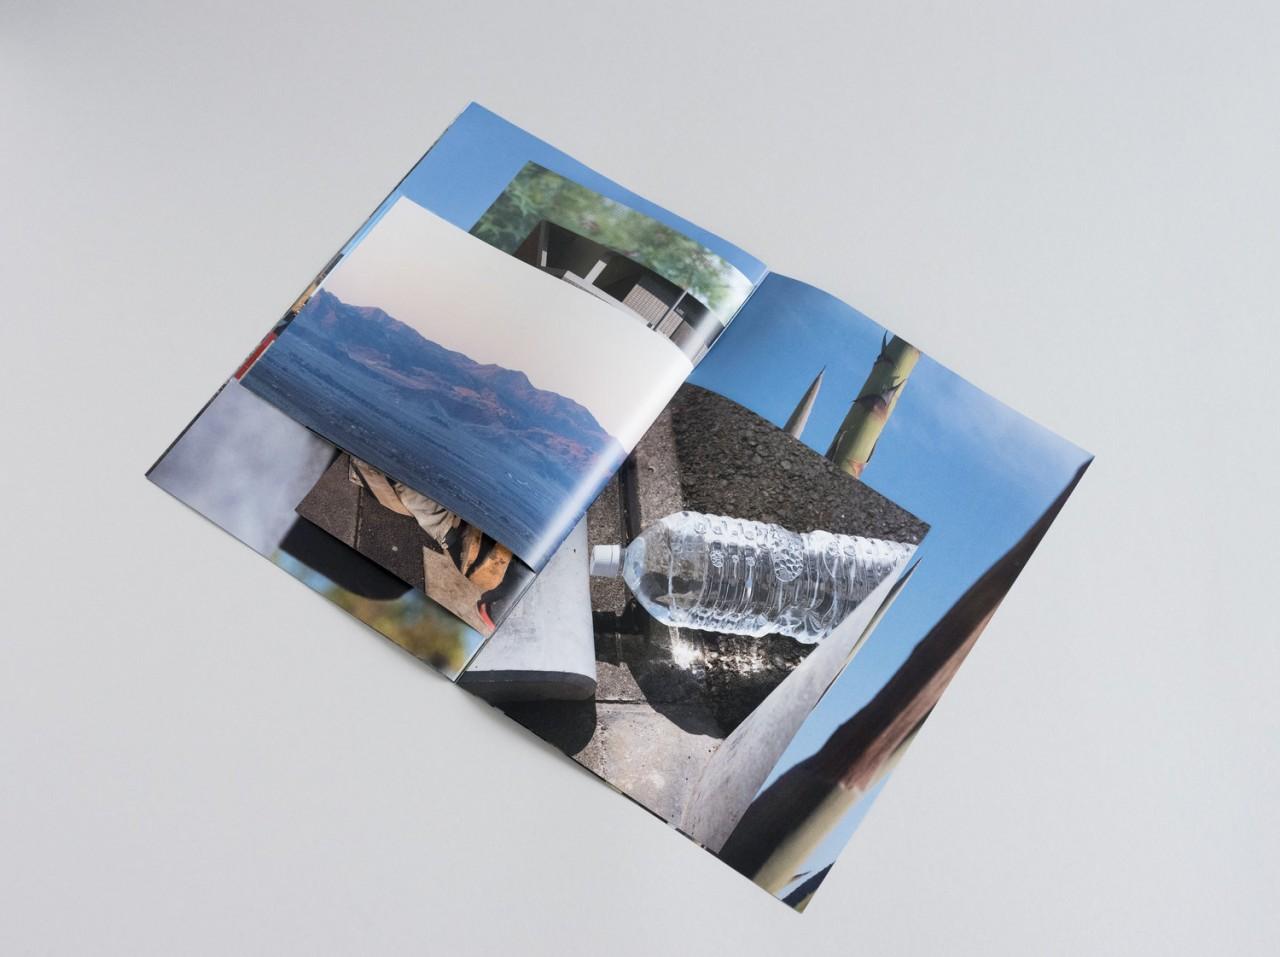 MORITZ HAASE HPHT – Paper 1